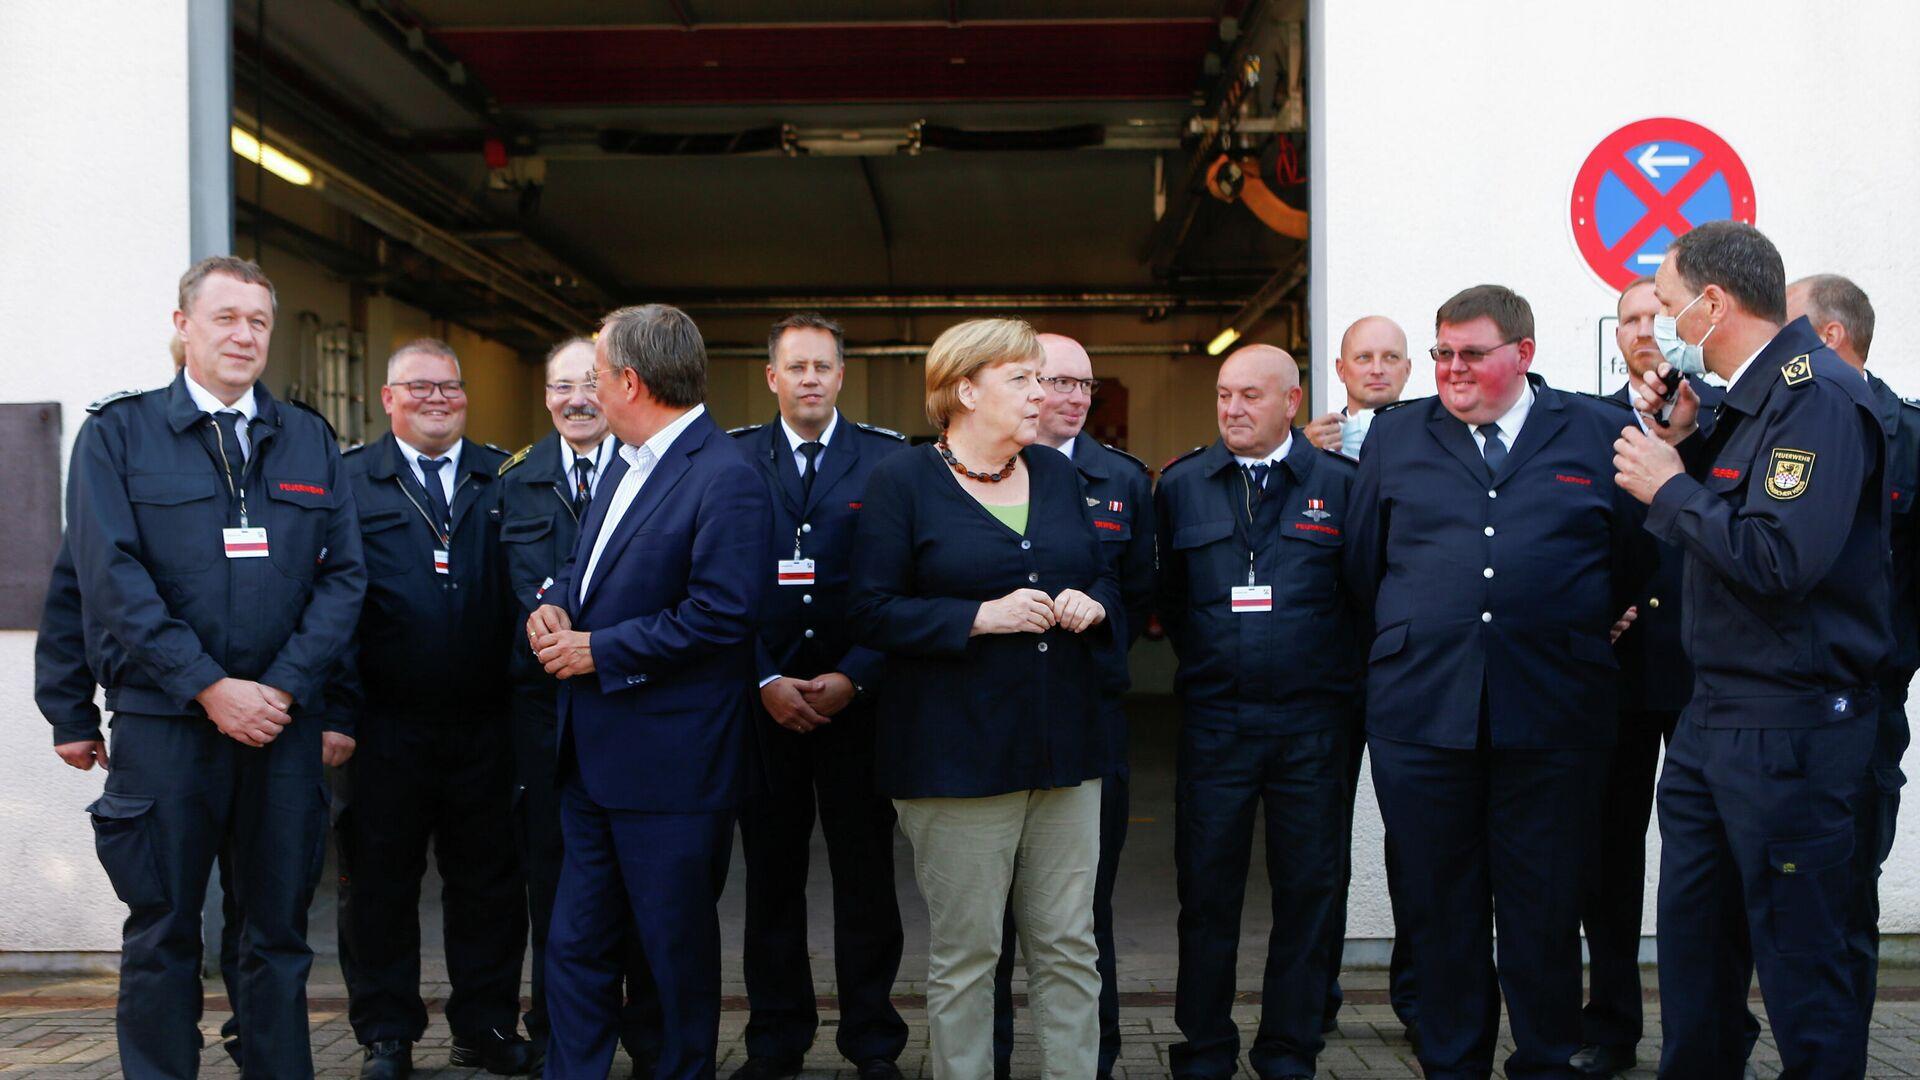 Angela Merkel und Armin Laschet sprechen mit Feuerwehrleuten in Schalksmühle - SNA, 1920, 05.09.2021